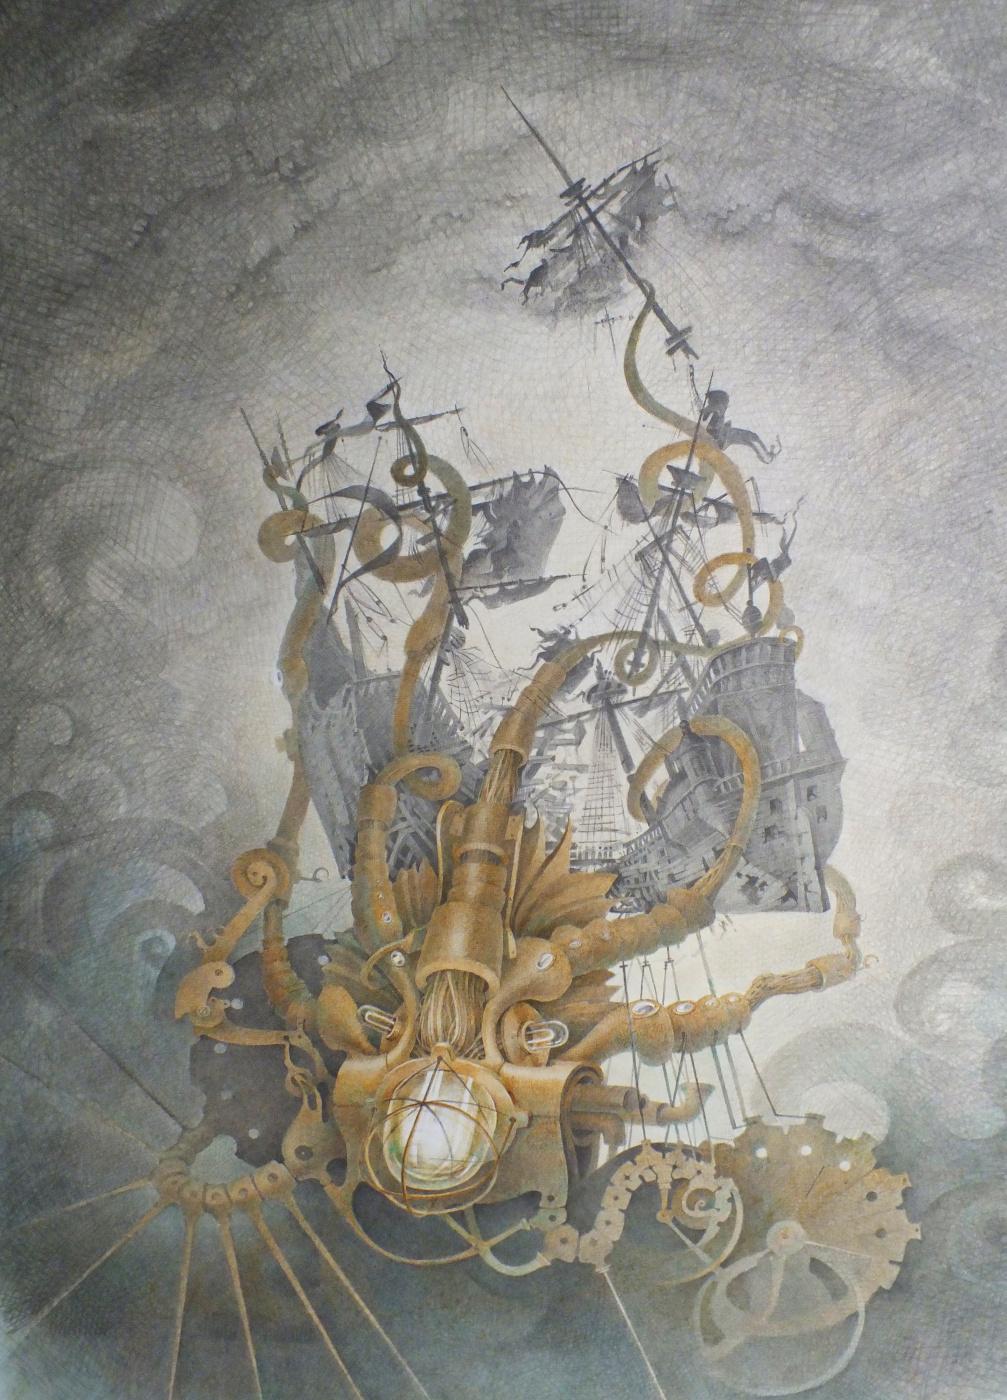 Natalia Andreevna Korotaeva. Jules Verne's Dream